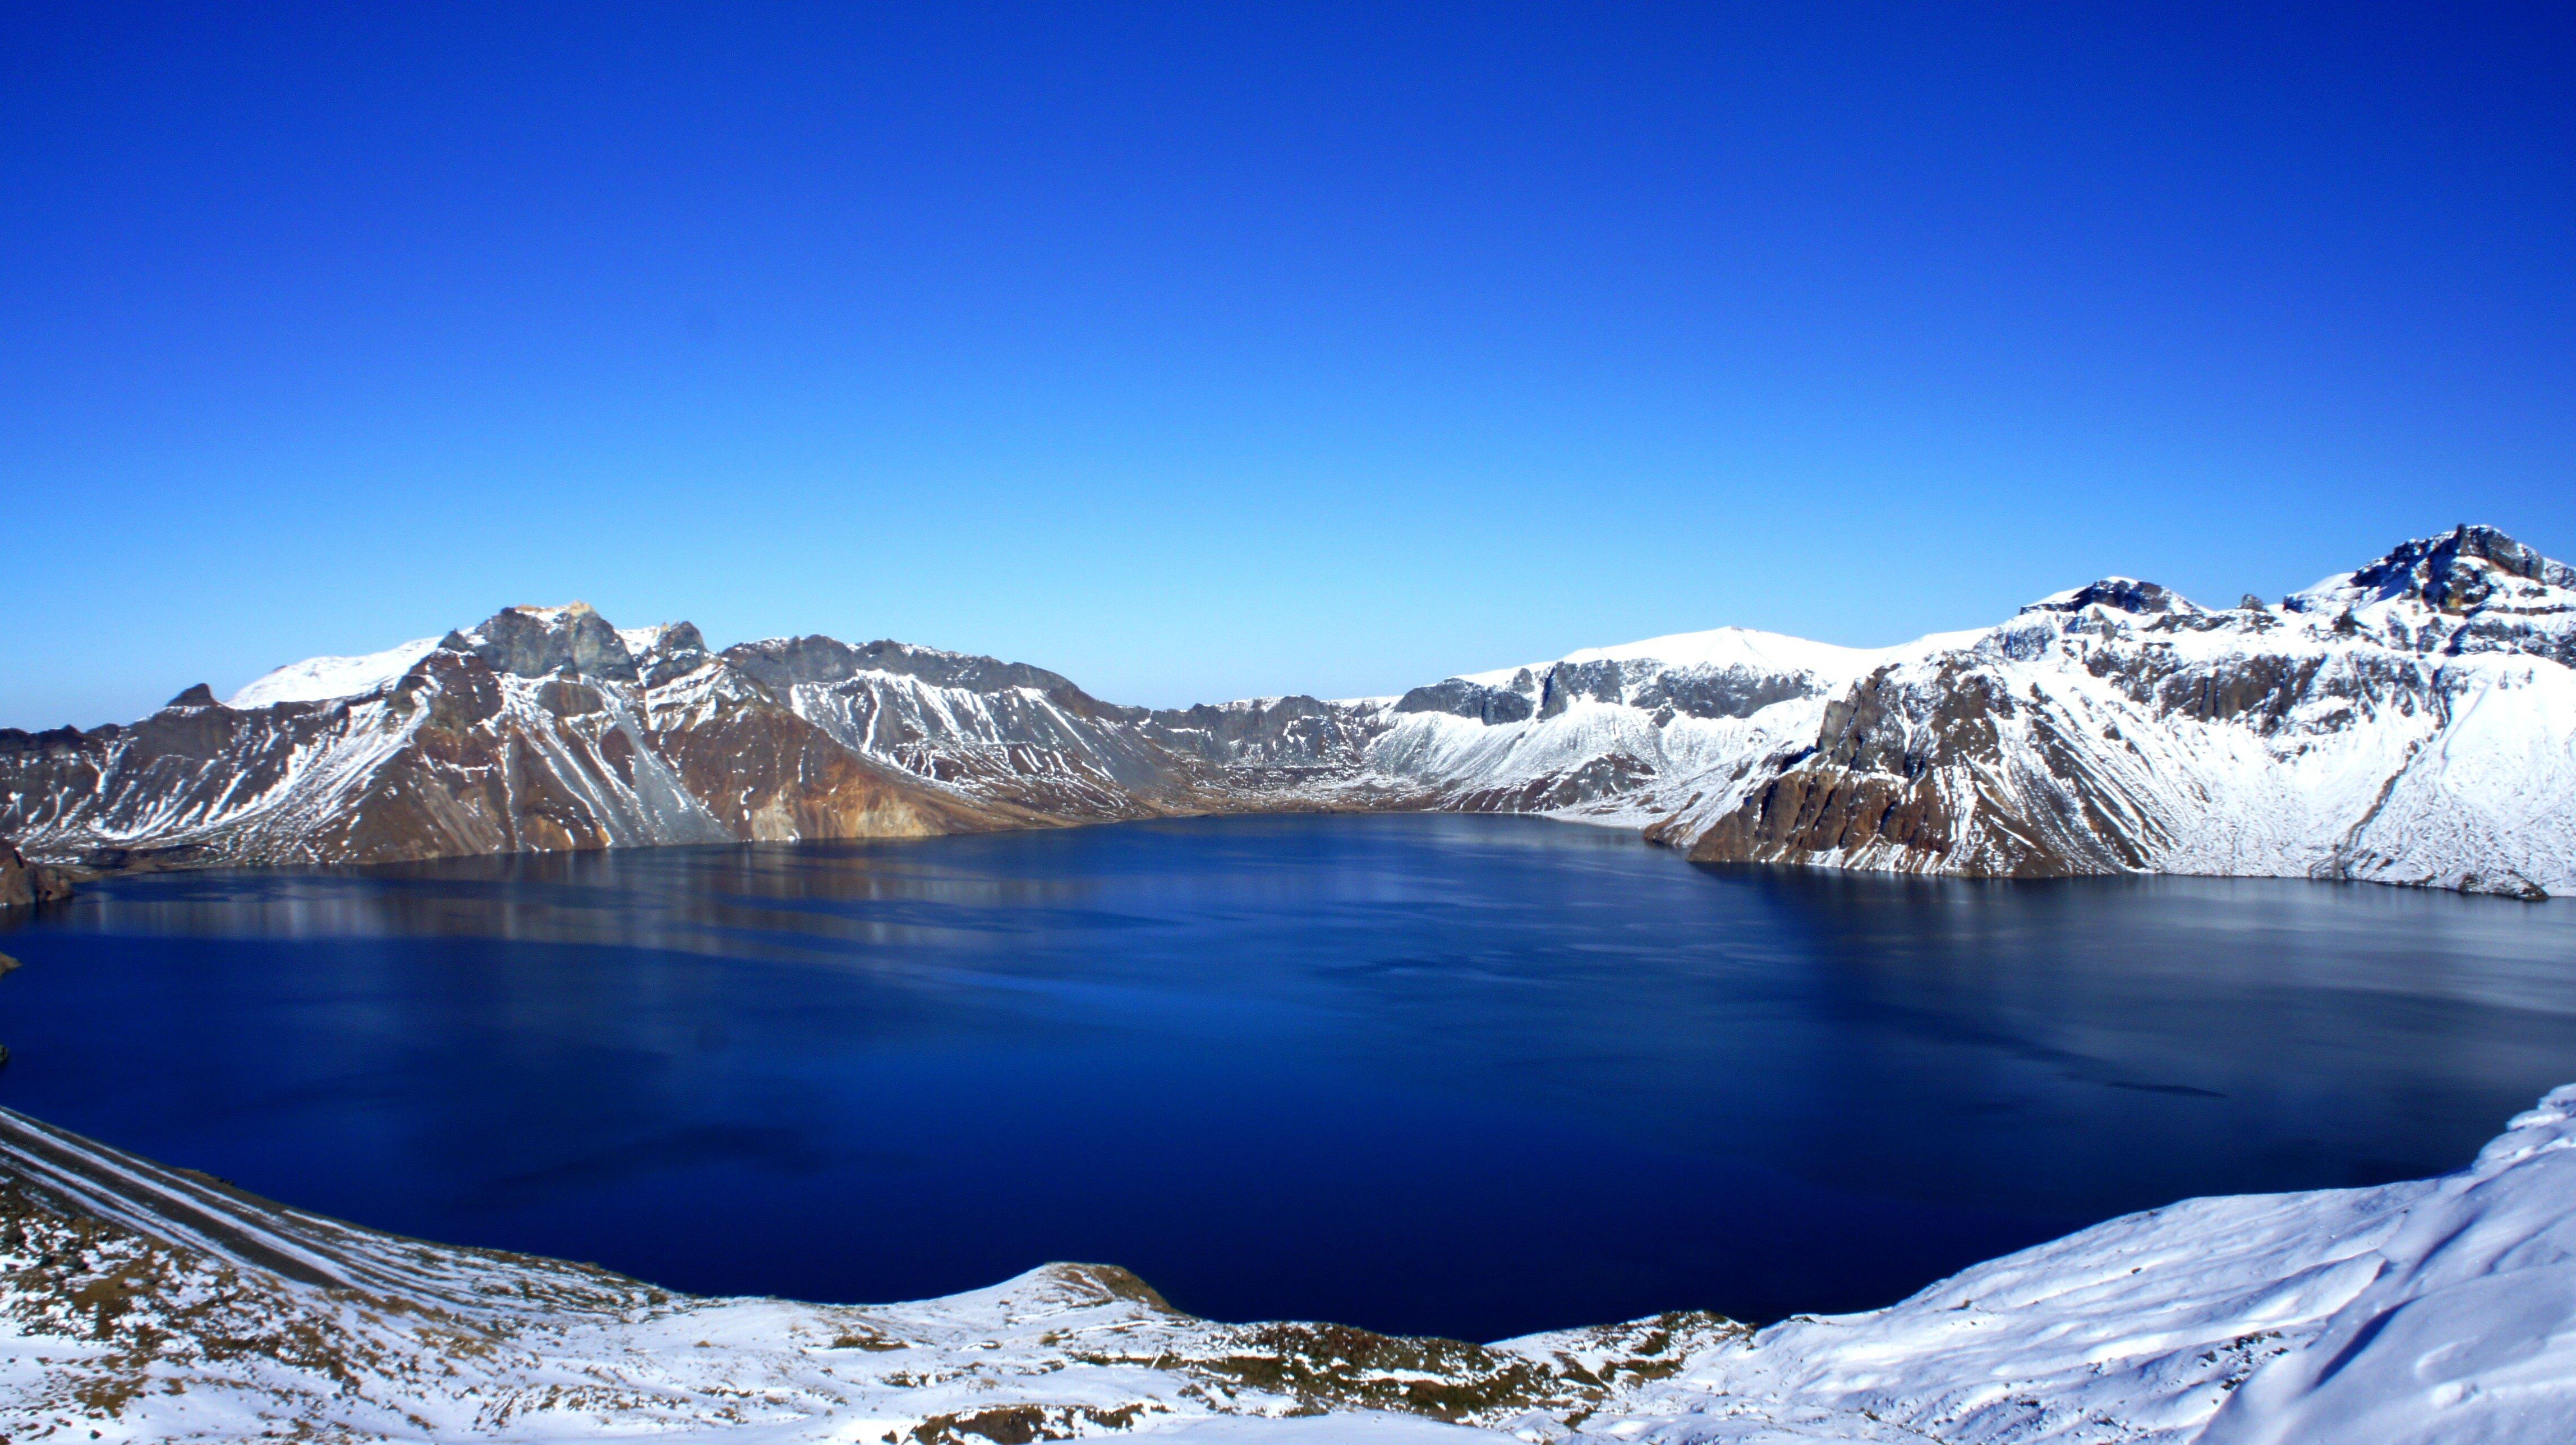 长白山景点景区图片-长白山风景名胜图片-长白山旅游